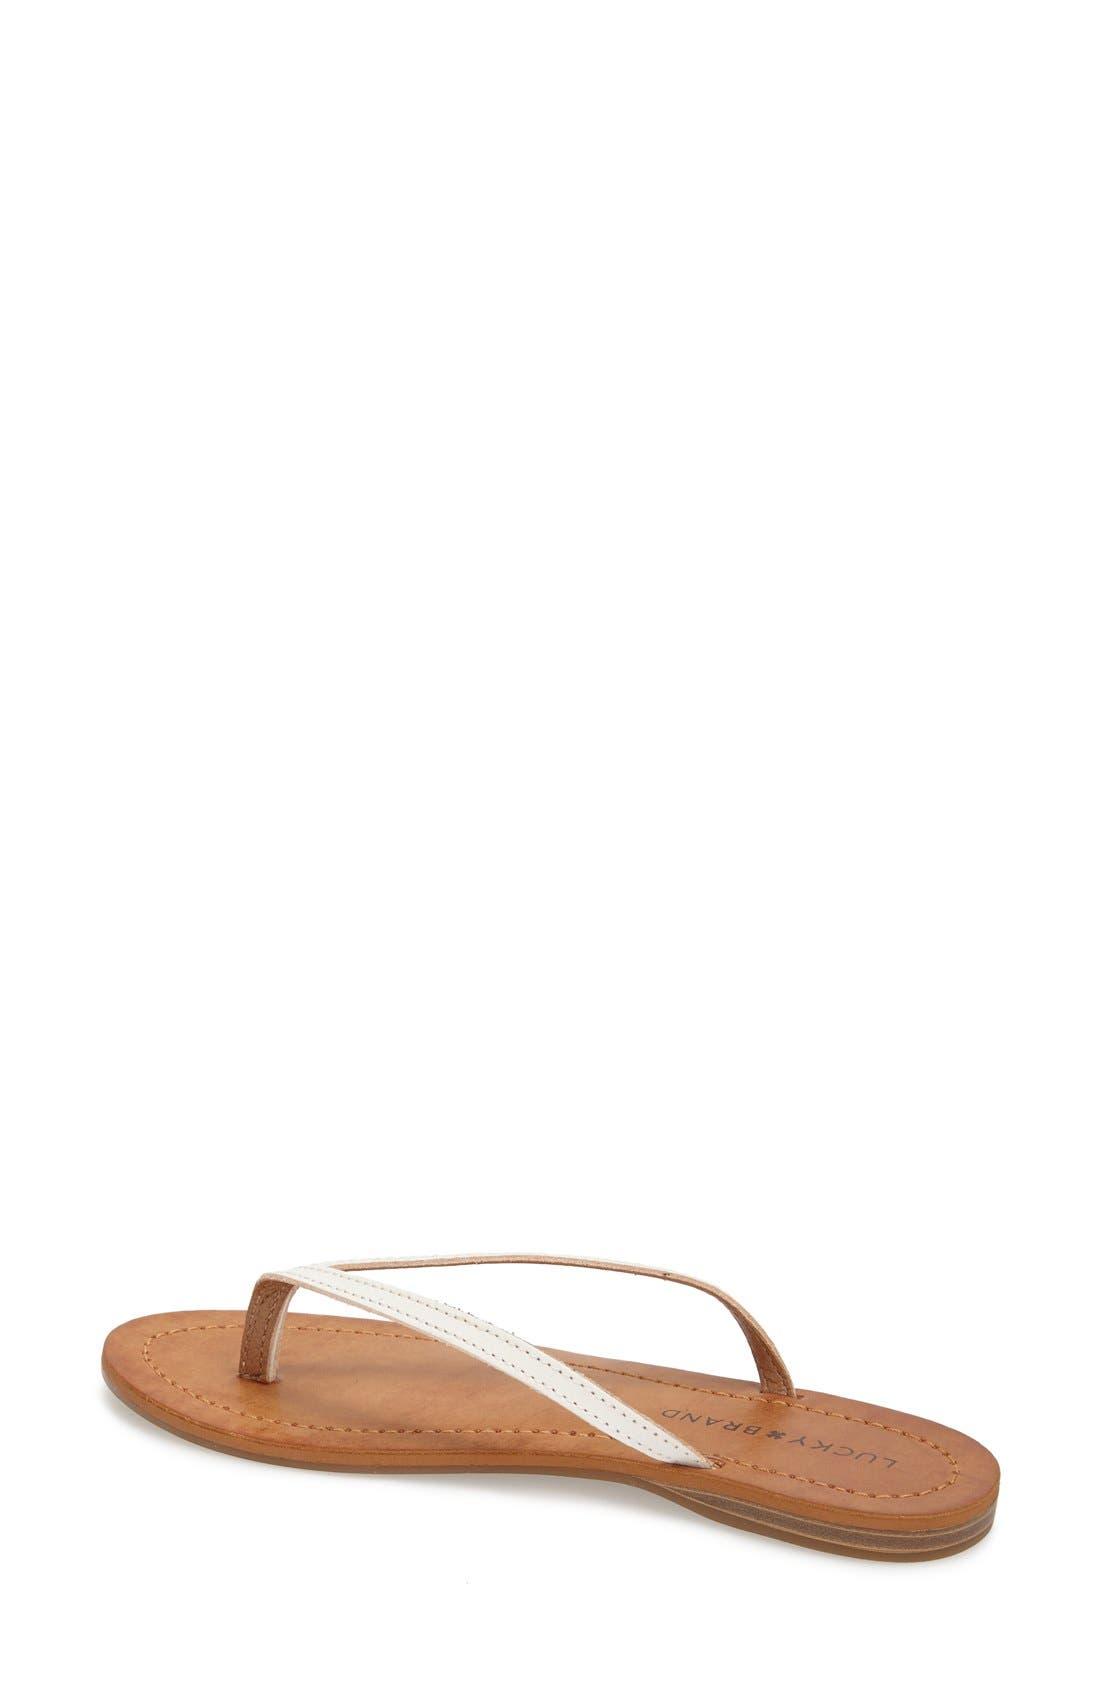 Alternate Image 2  - Lucky Brand 'Amberr' Leather Thong Sandal (Women)